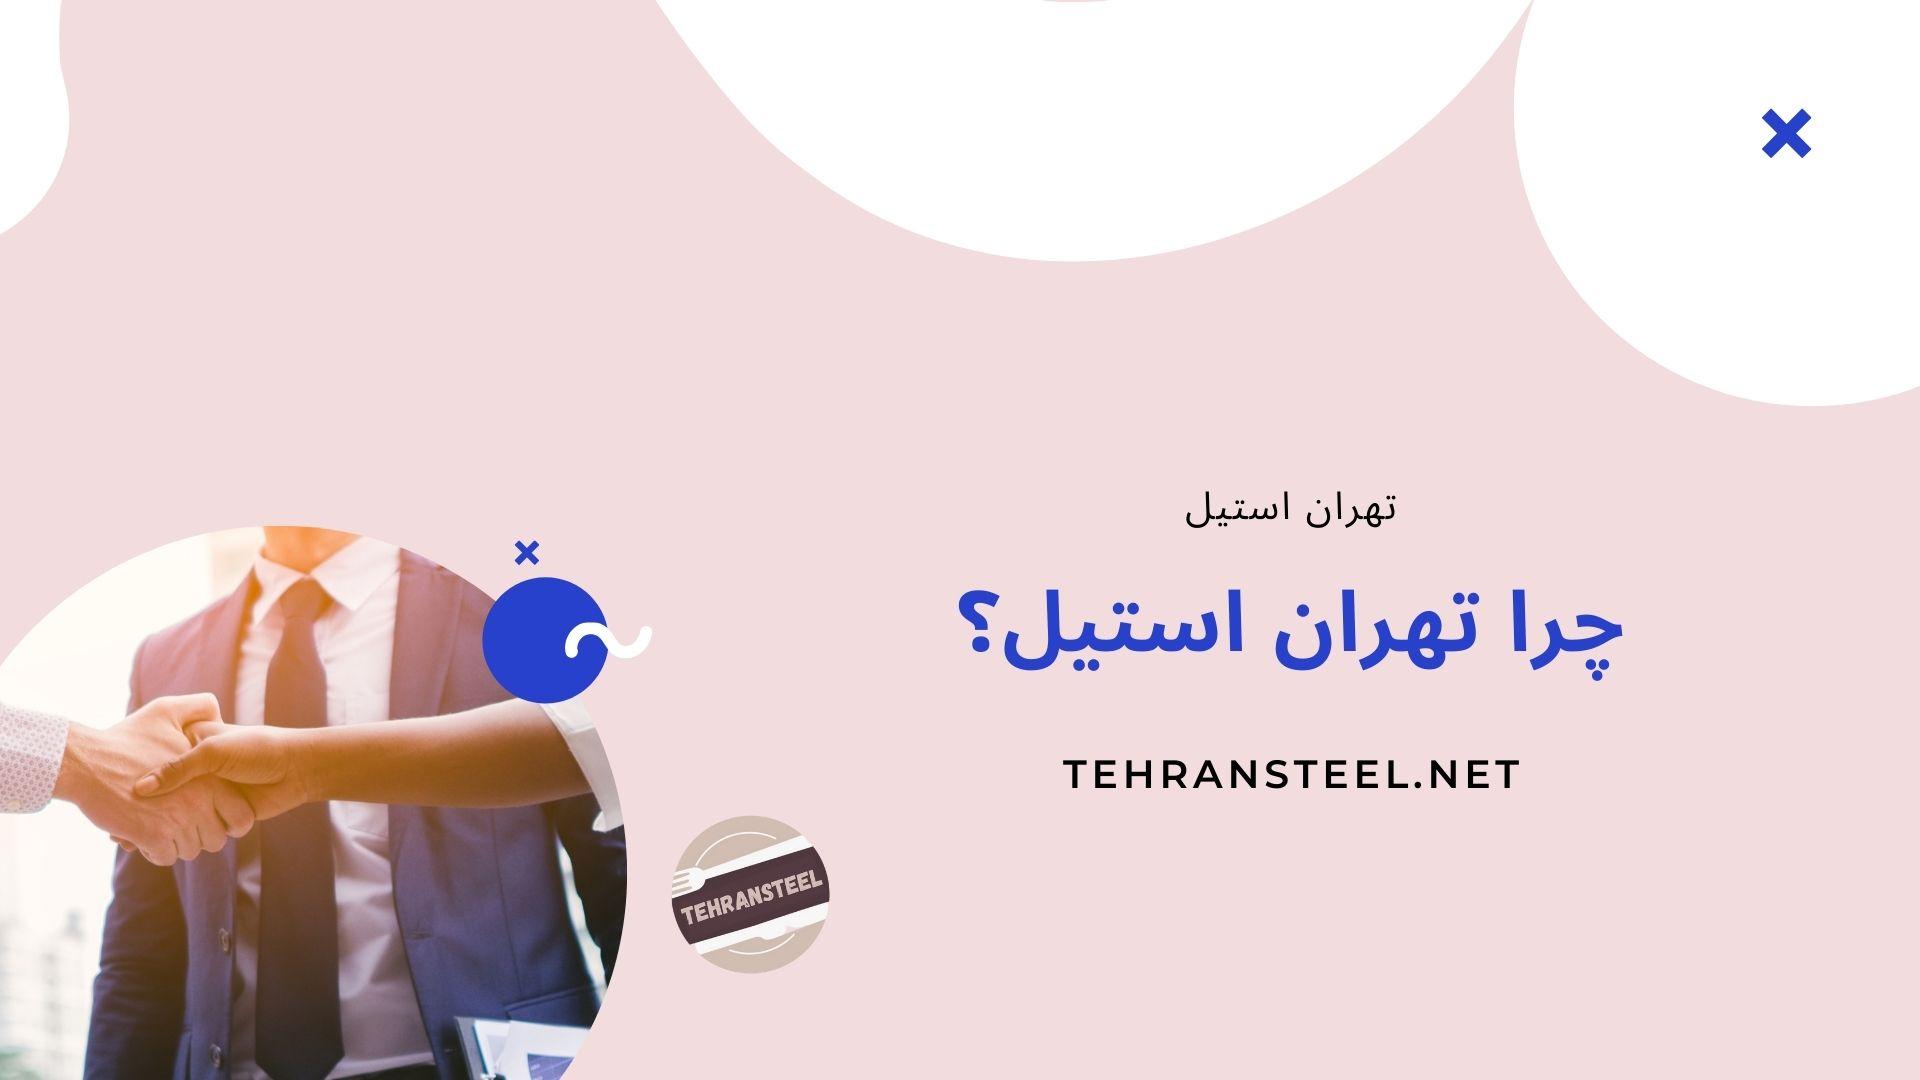 چرا تهران استیل؟